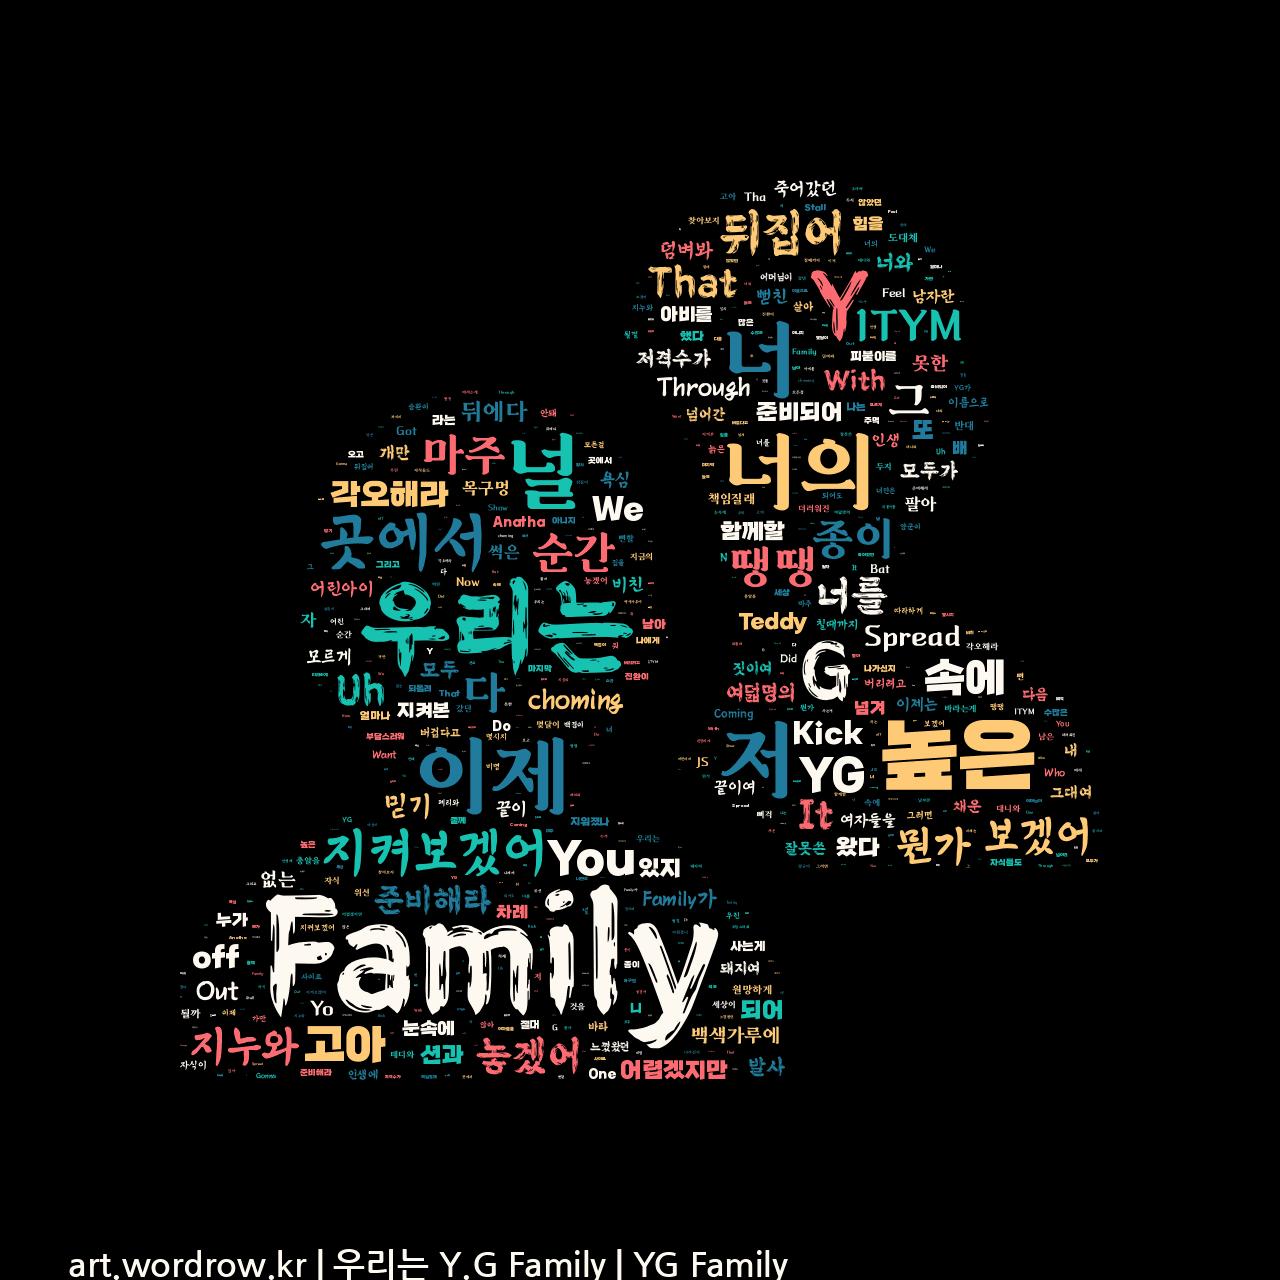 워드 아트: 우리는 Y.G Family [YG Family]-58